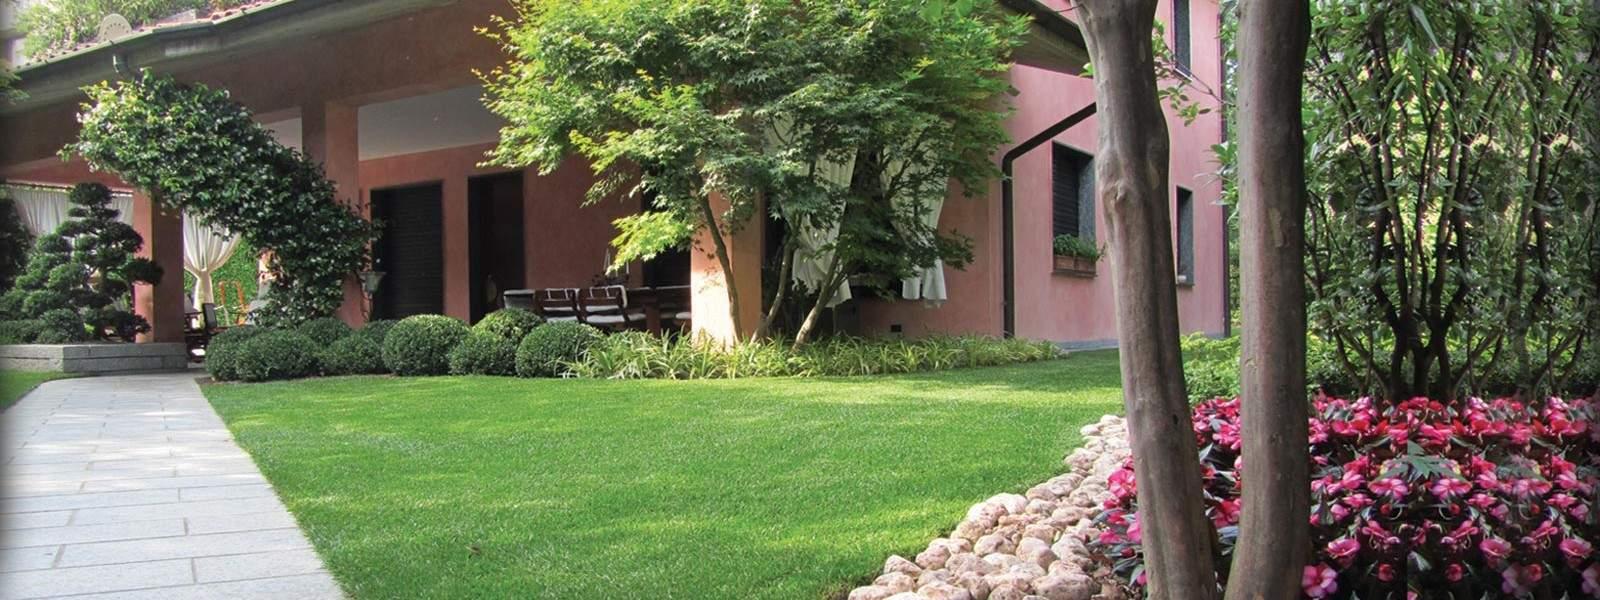 Progetto del giardino di casa.   questioni di arredamento